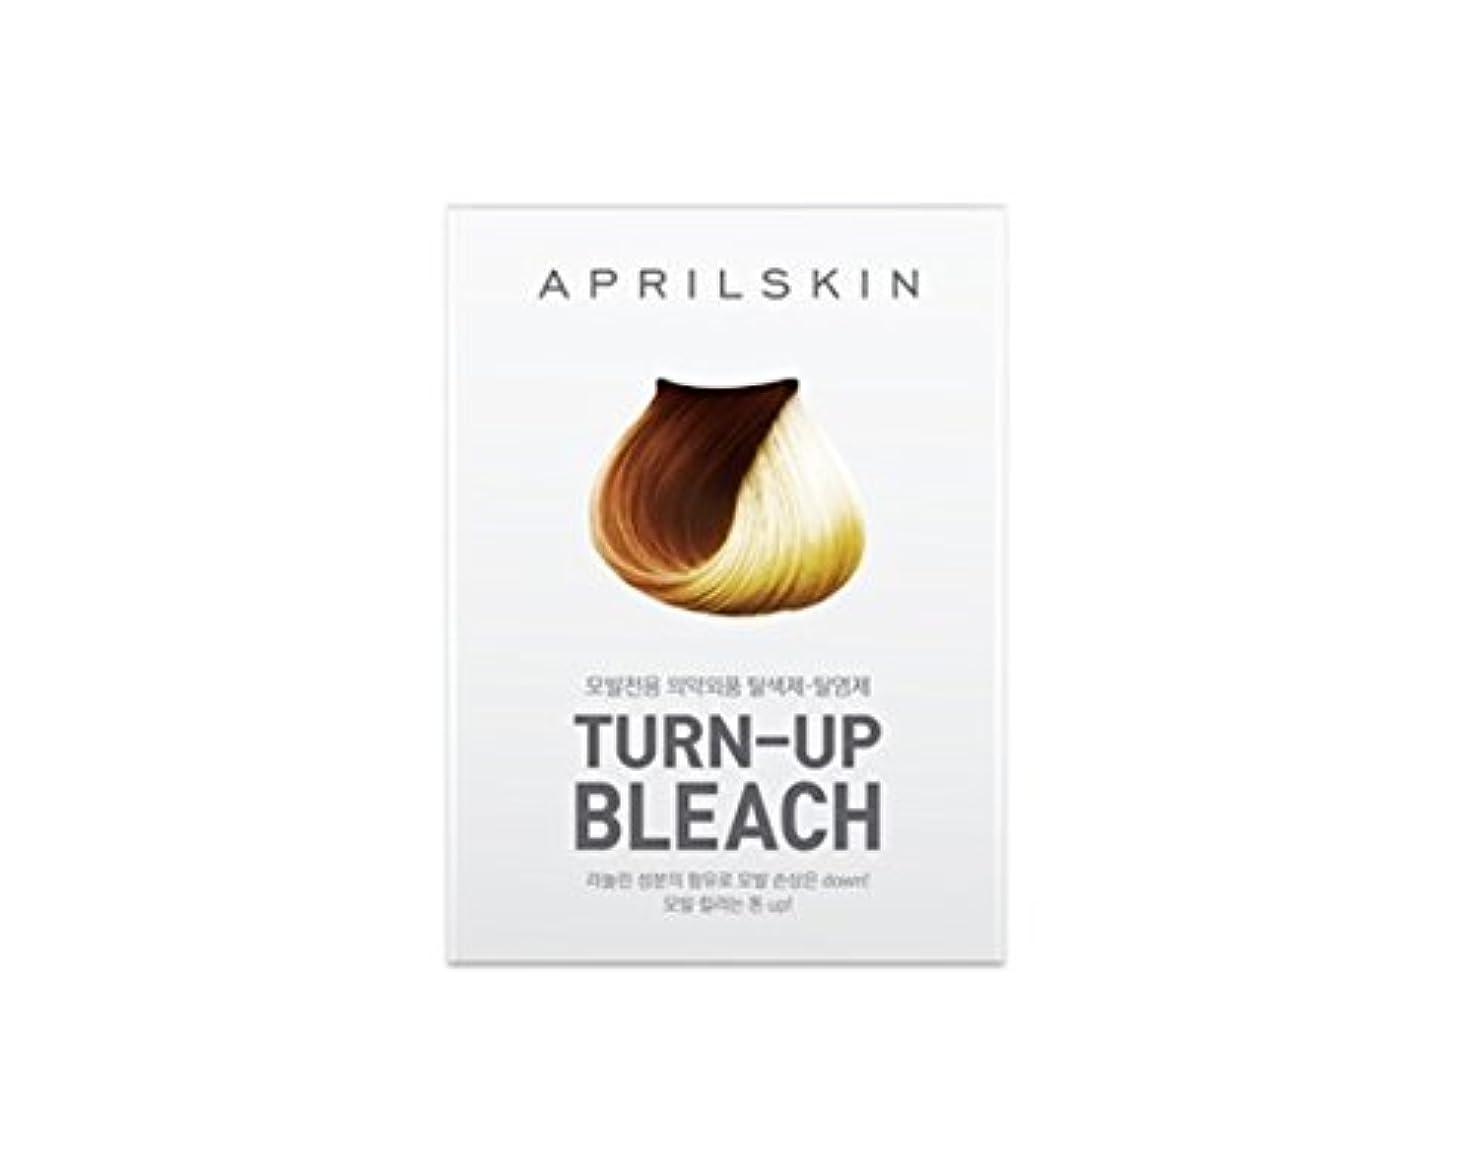 薬理学支援残酷なエープリル?スキン [韓国コスメ April Skin] 漂白ブリーチ(ヘアブリーチ)Turn Up Bleach (Hair Bleach) [海外直送品]